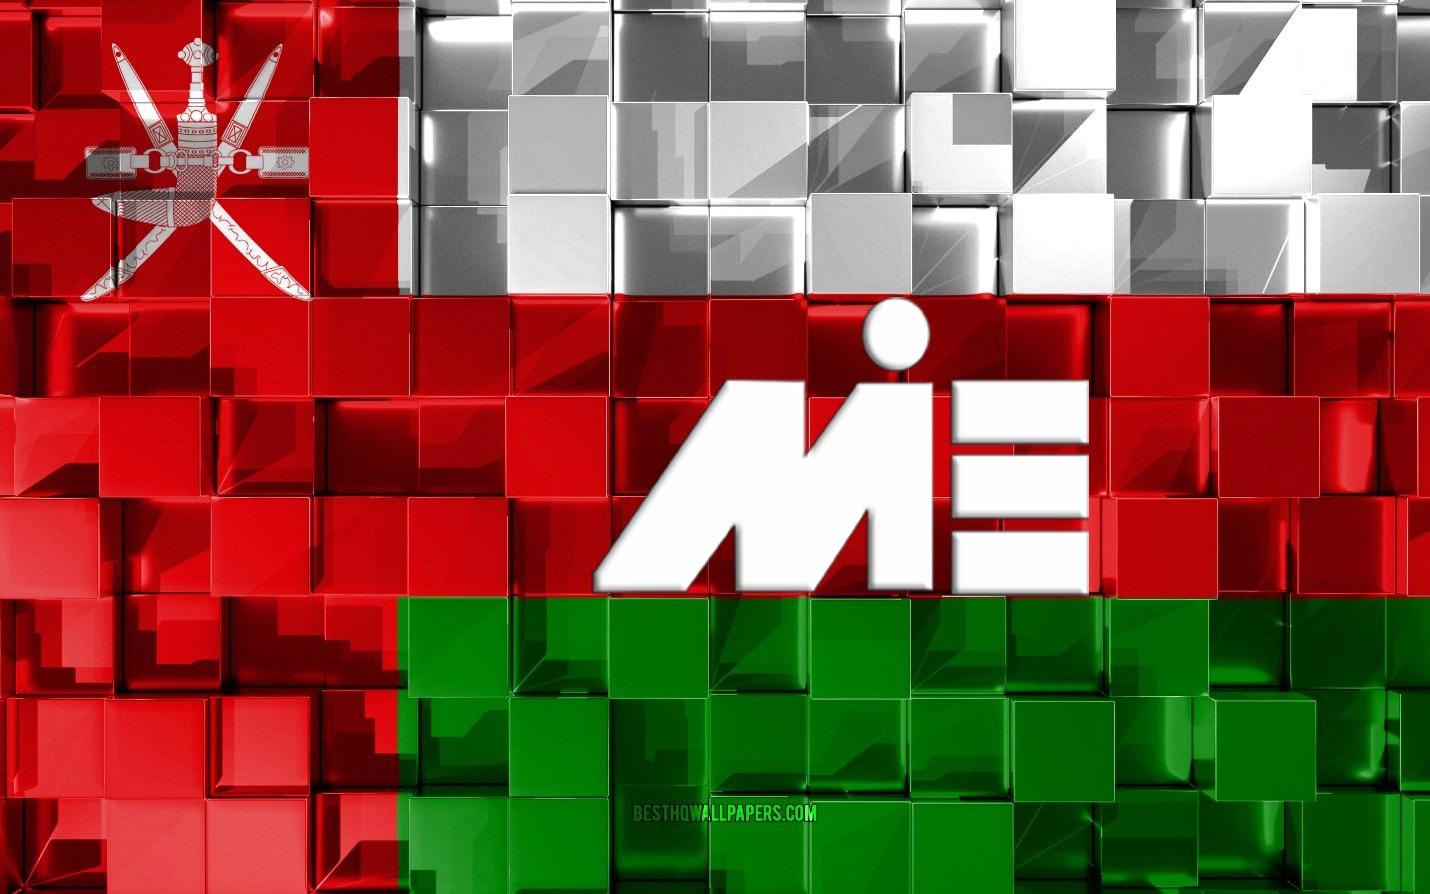 پرچم عمان ـ ویزای عمان ـ کار در عمان ـ مهاجرت به عمان